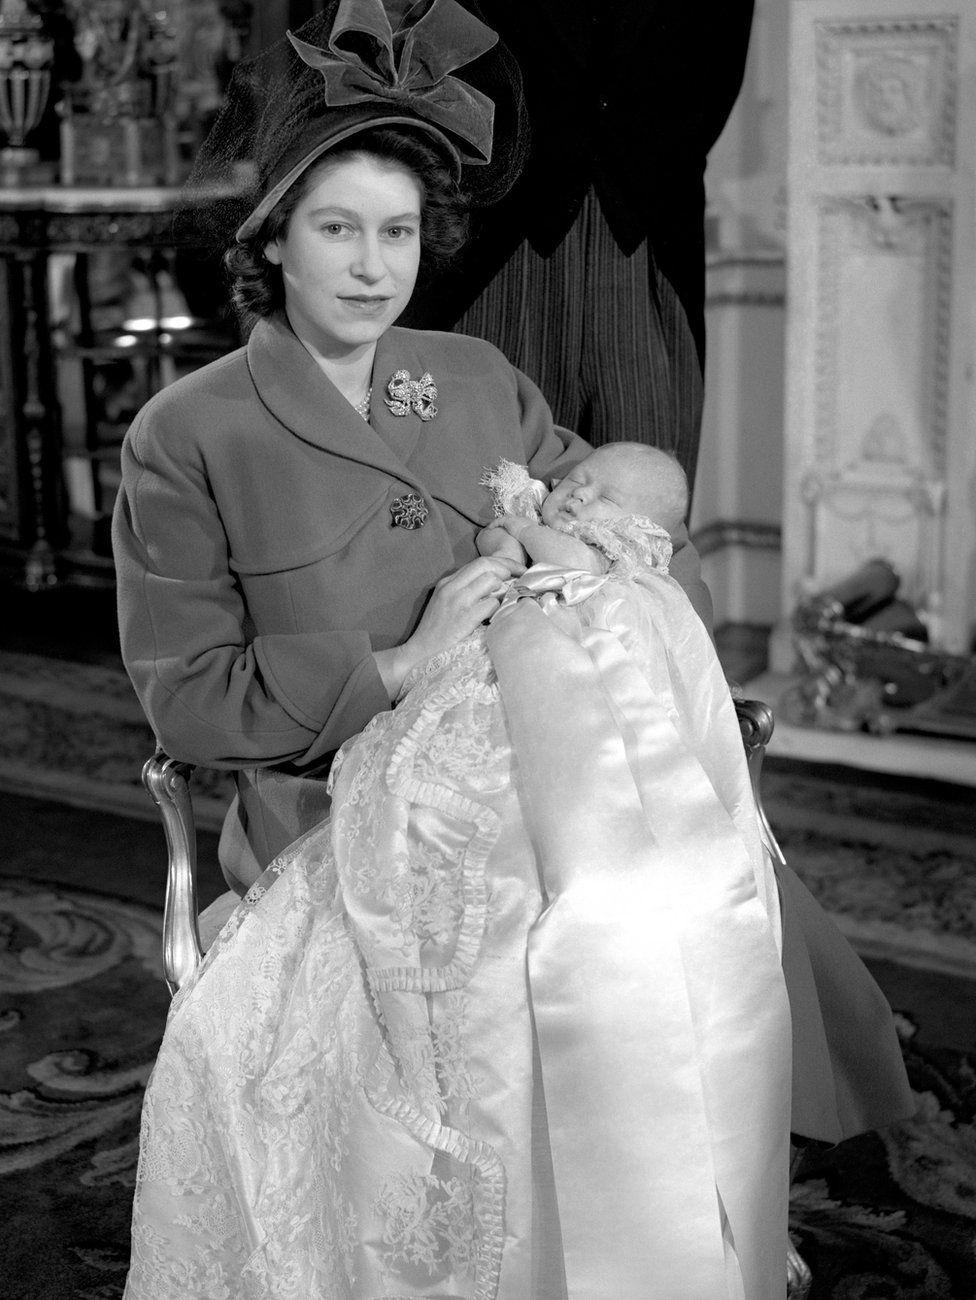 Принцесса Елизавета и ее новорожденный сын после церемонии крещения в Букингемском дворце